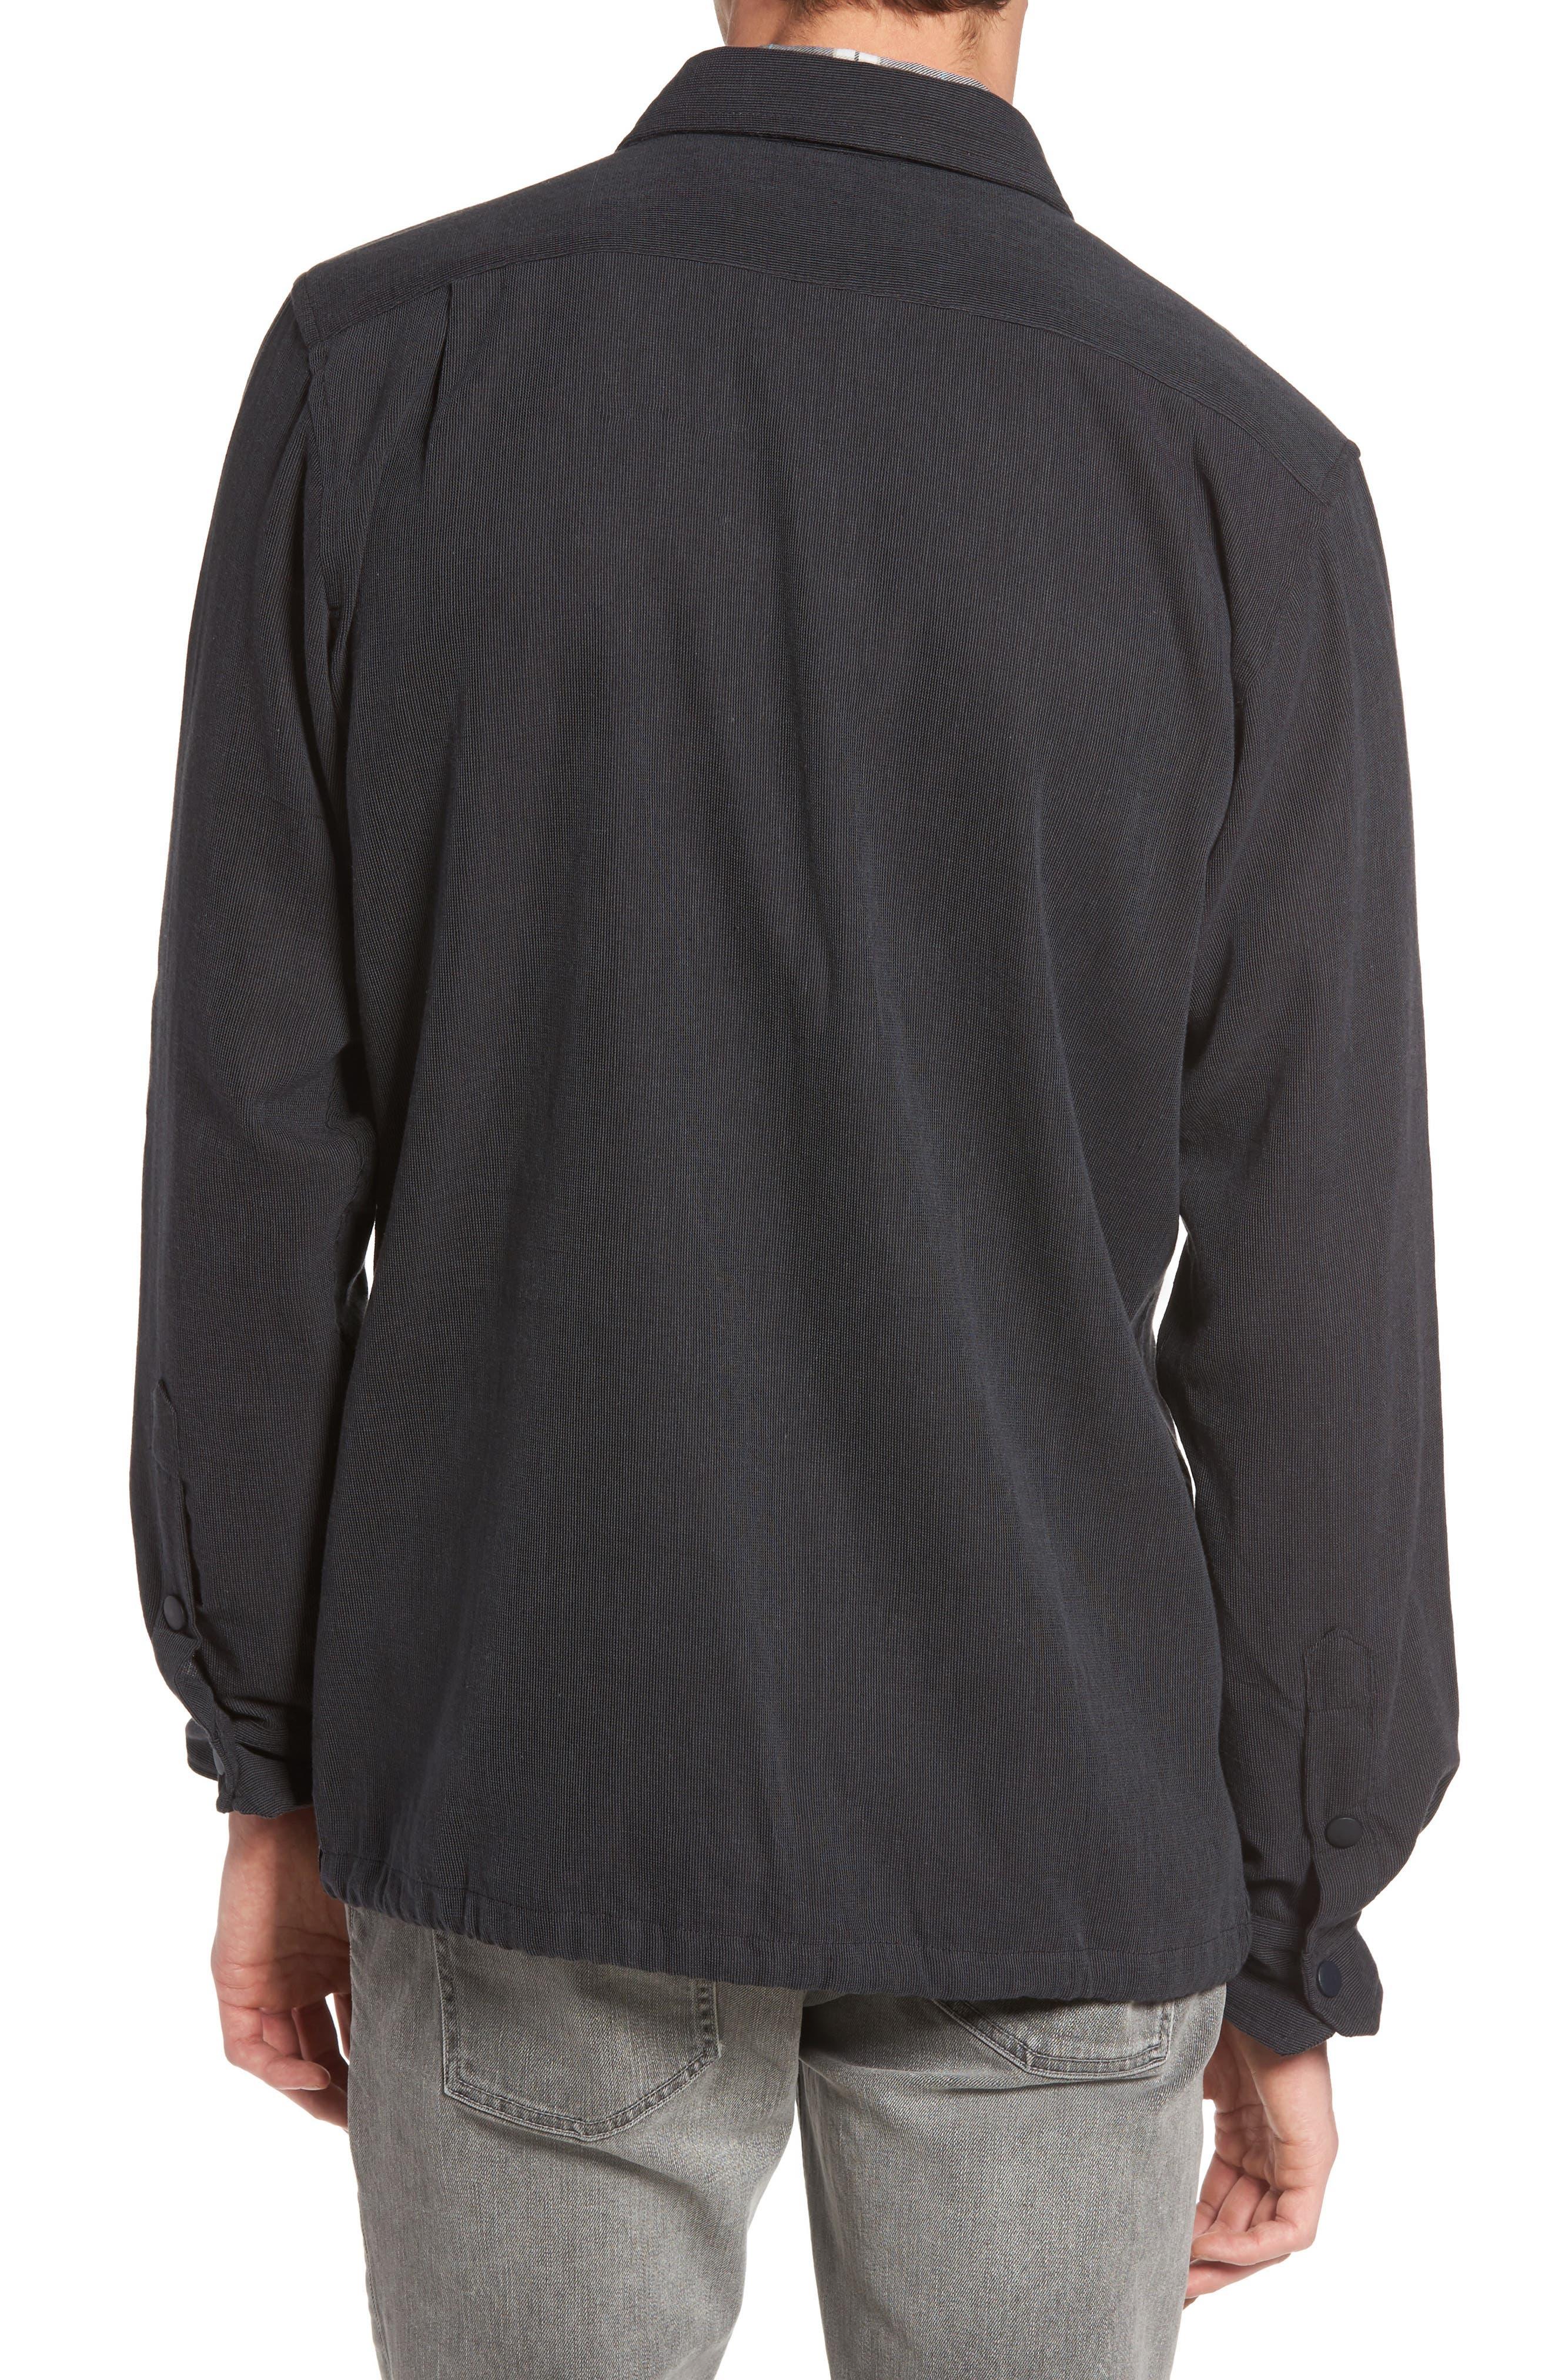 Textured Cotton Coach's Jacket,                             Alternate thumbnail 2, color,                             001